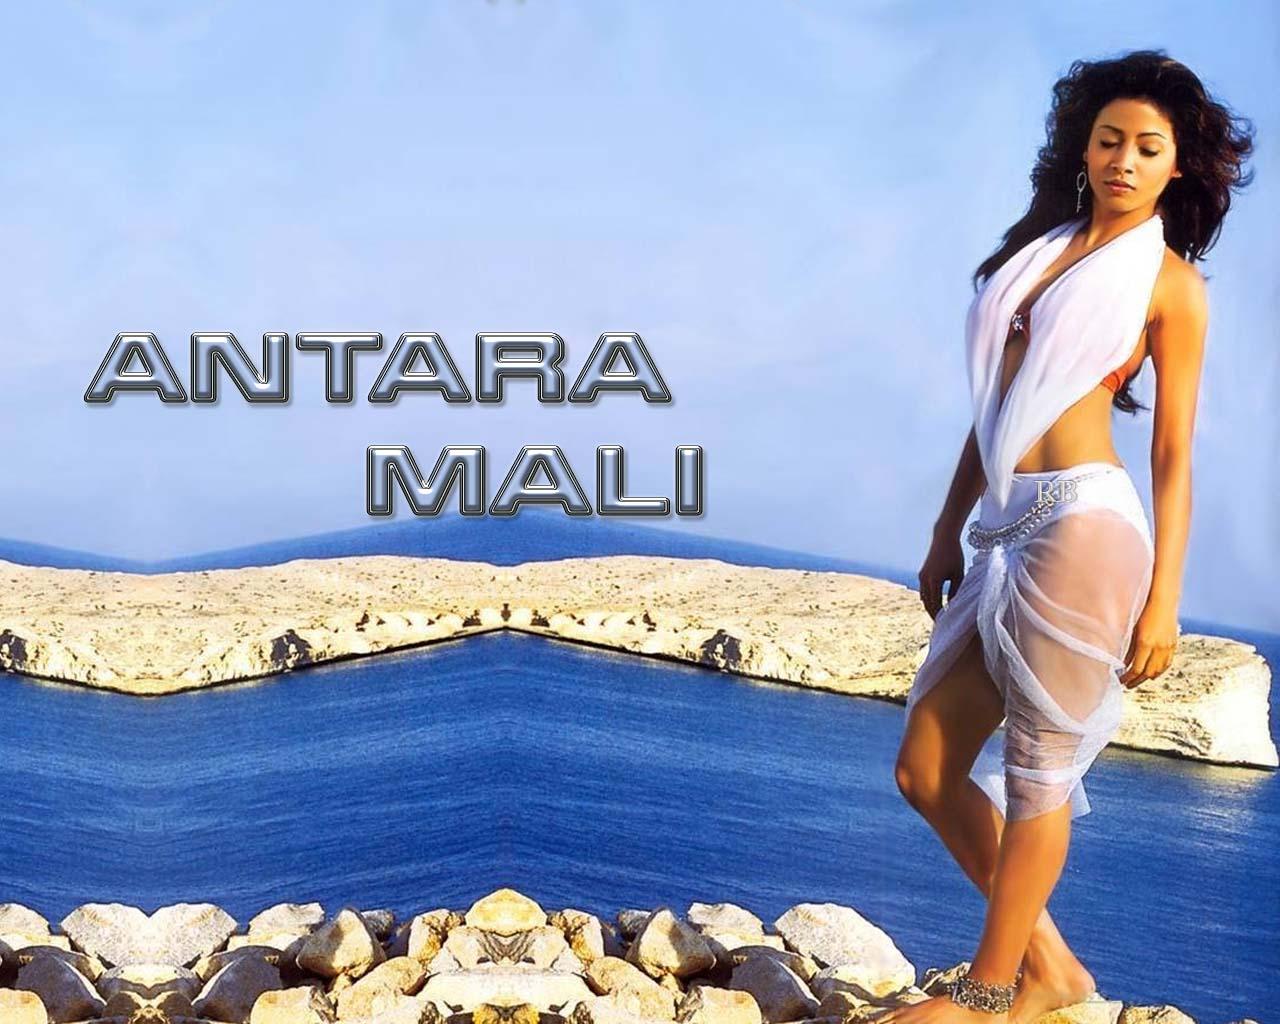 Antara Mali